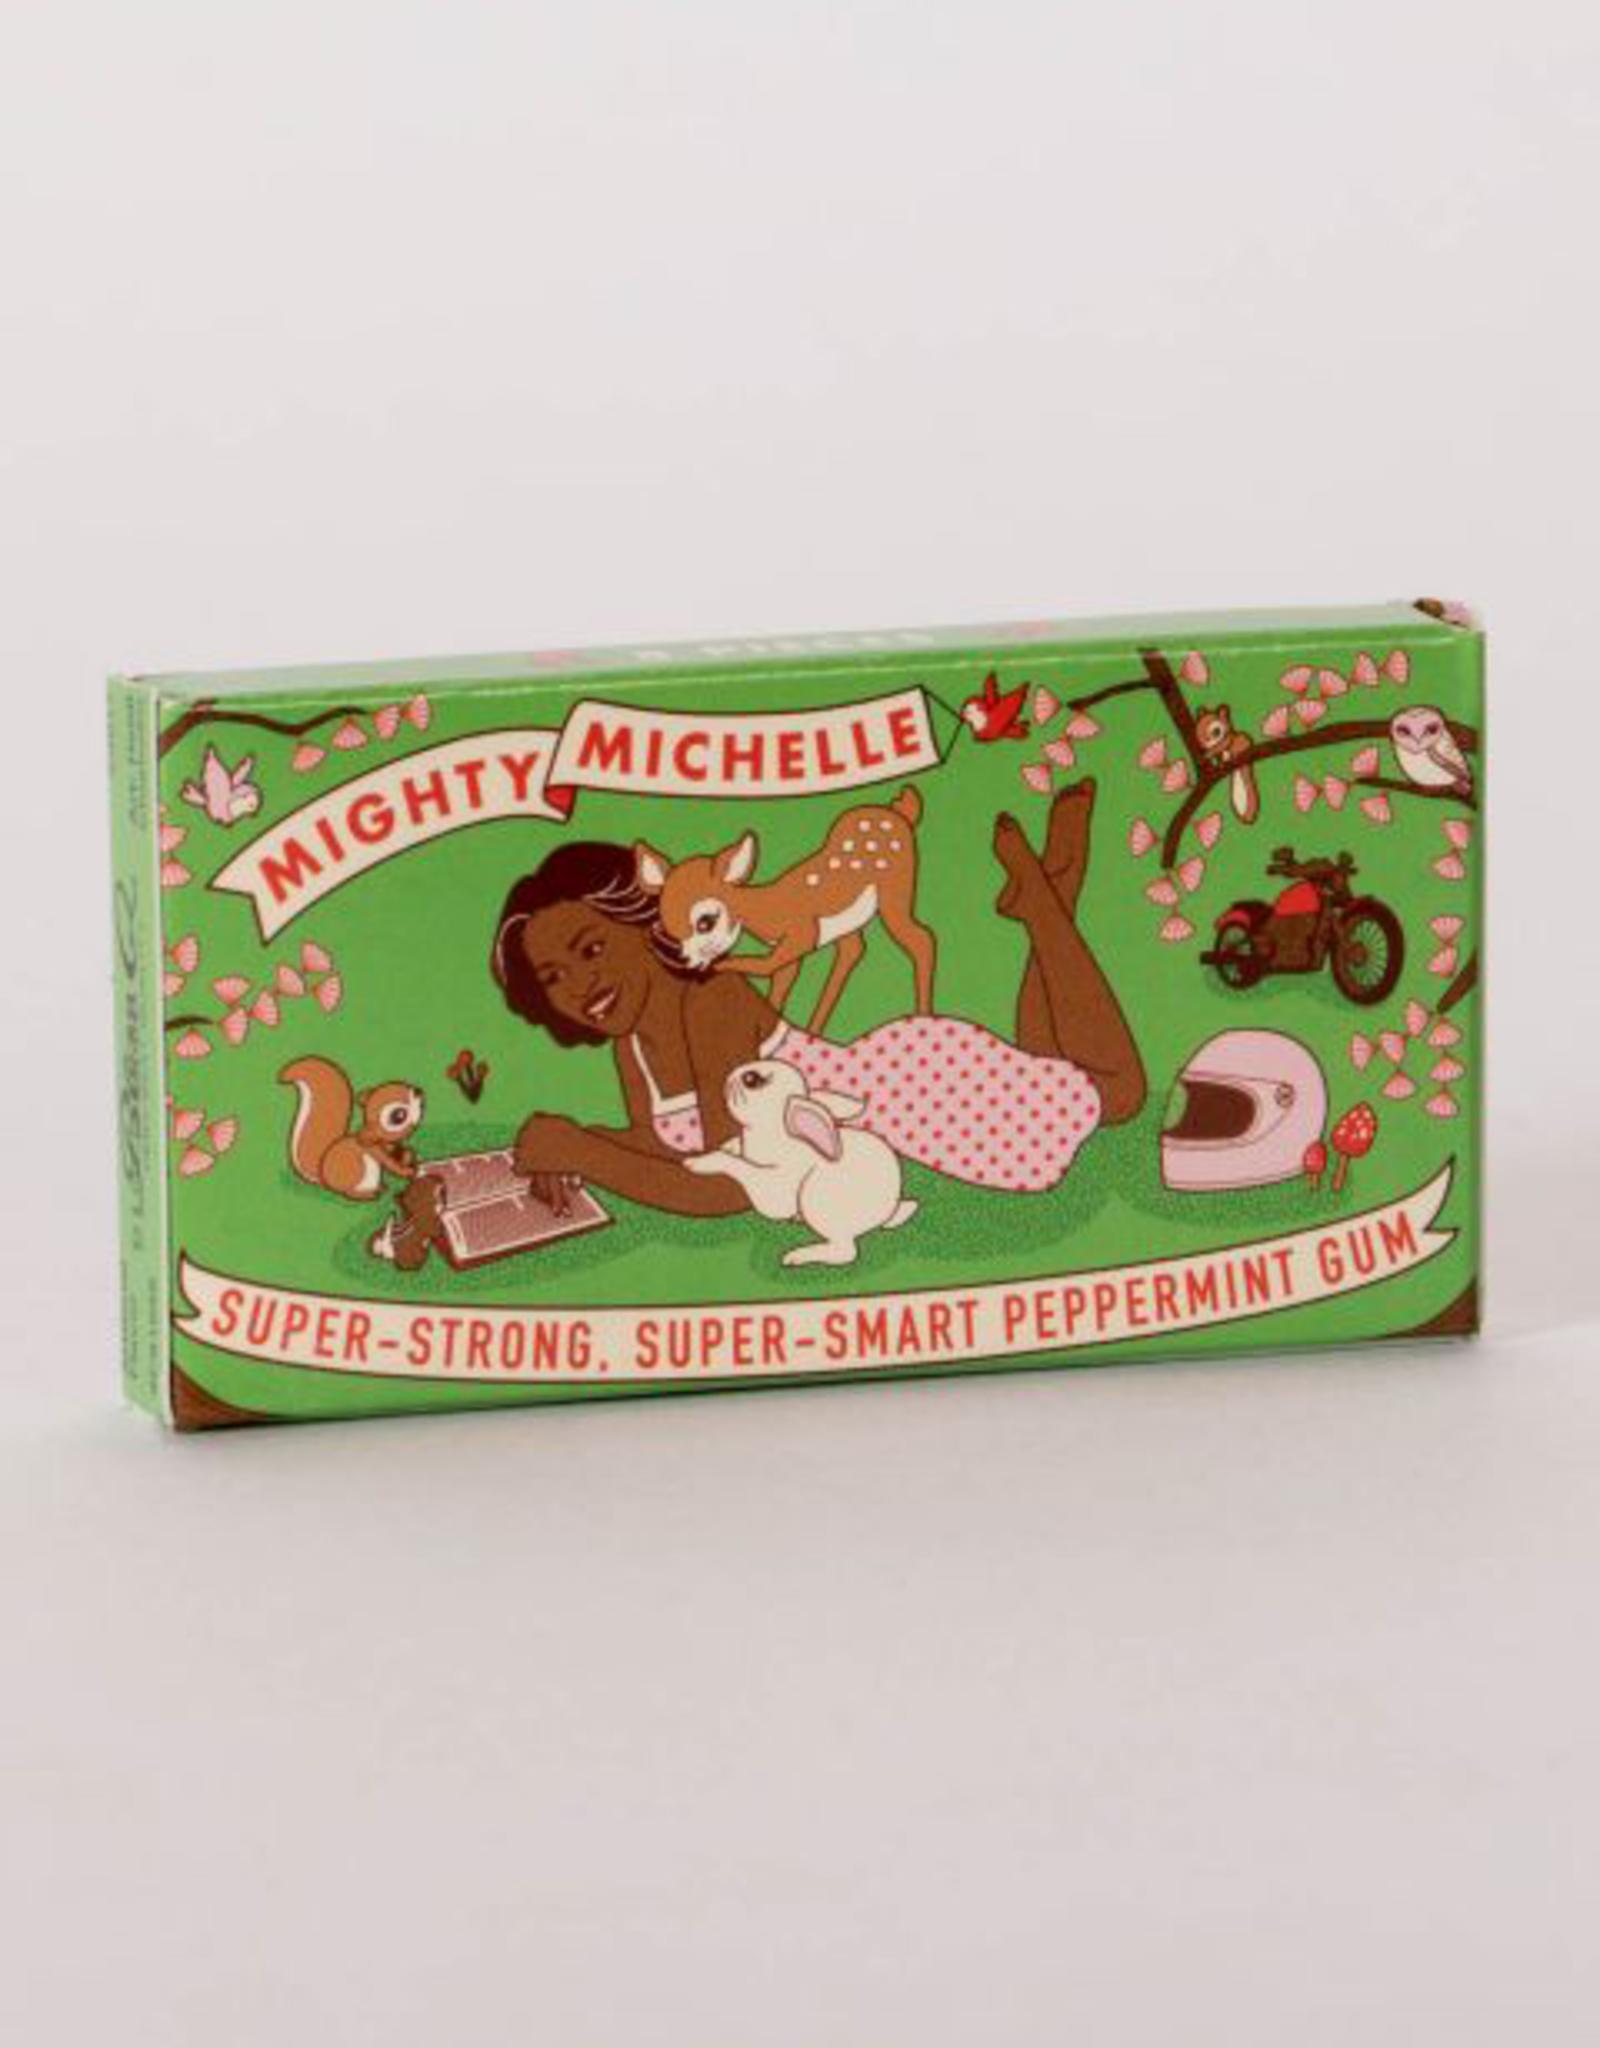 Gum - Mighty Michelle